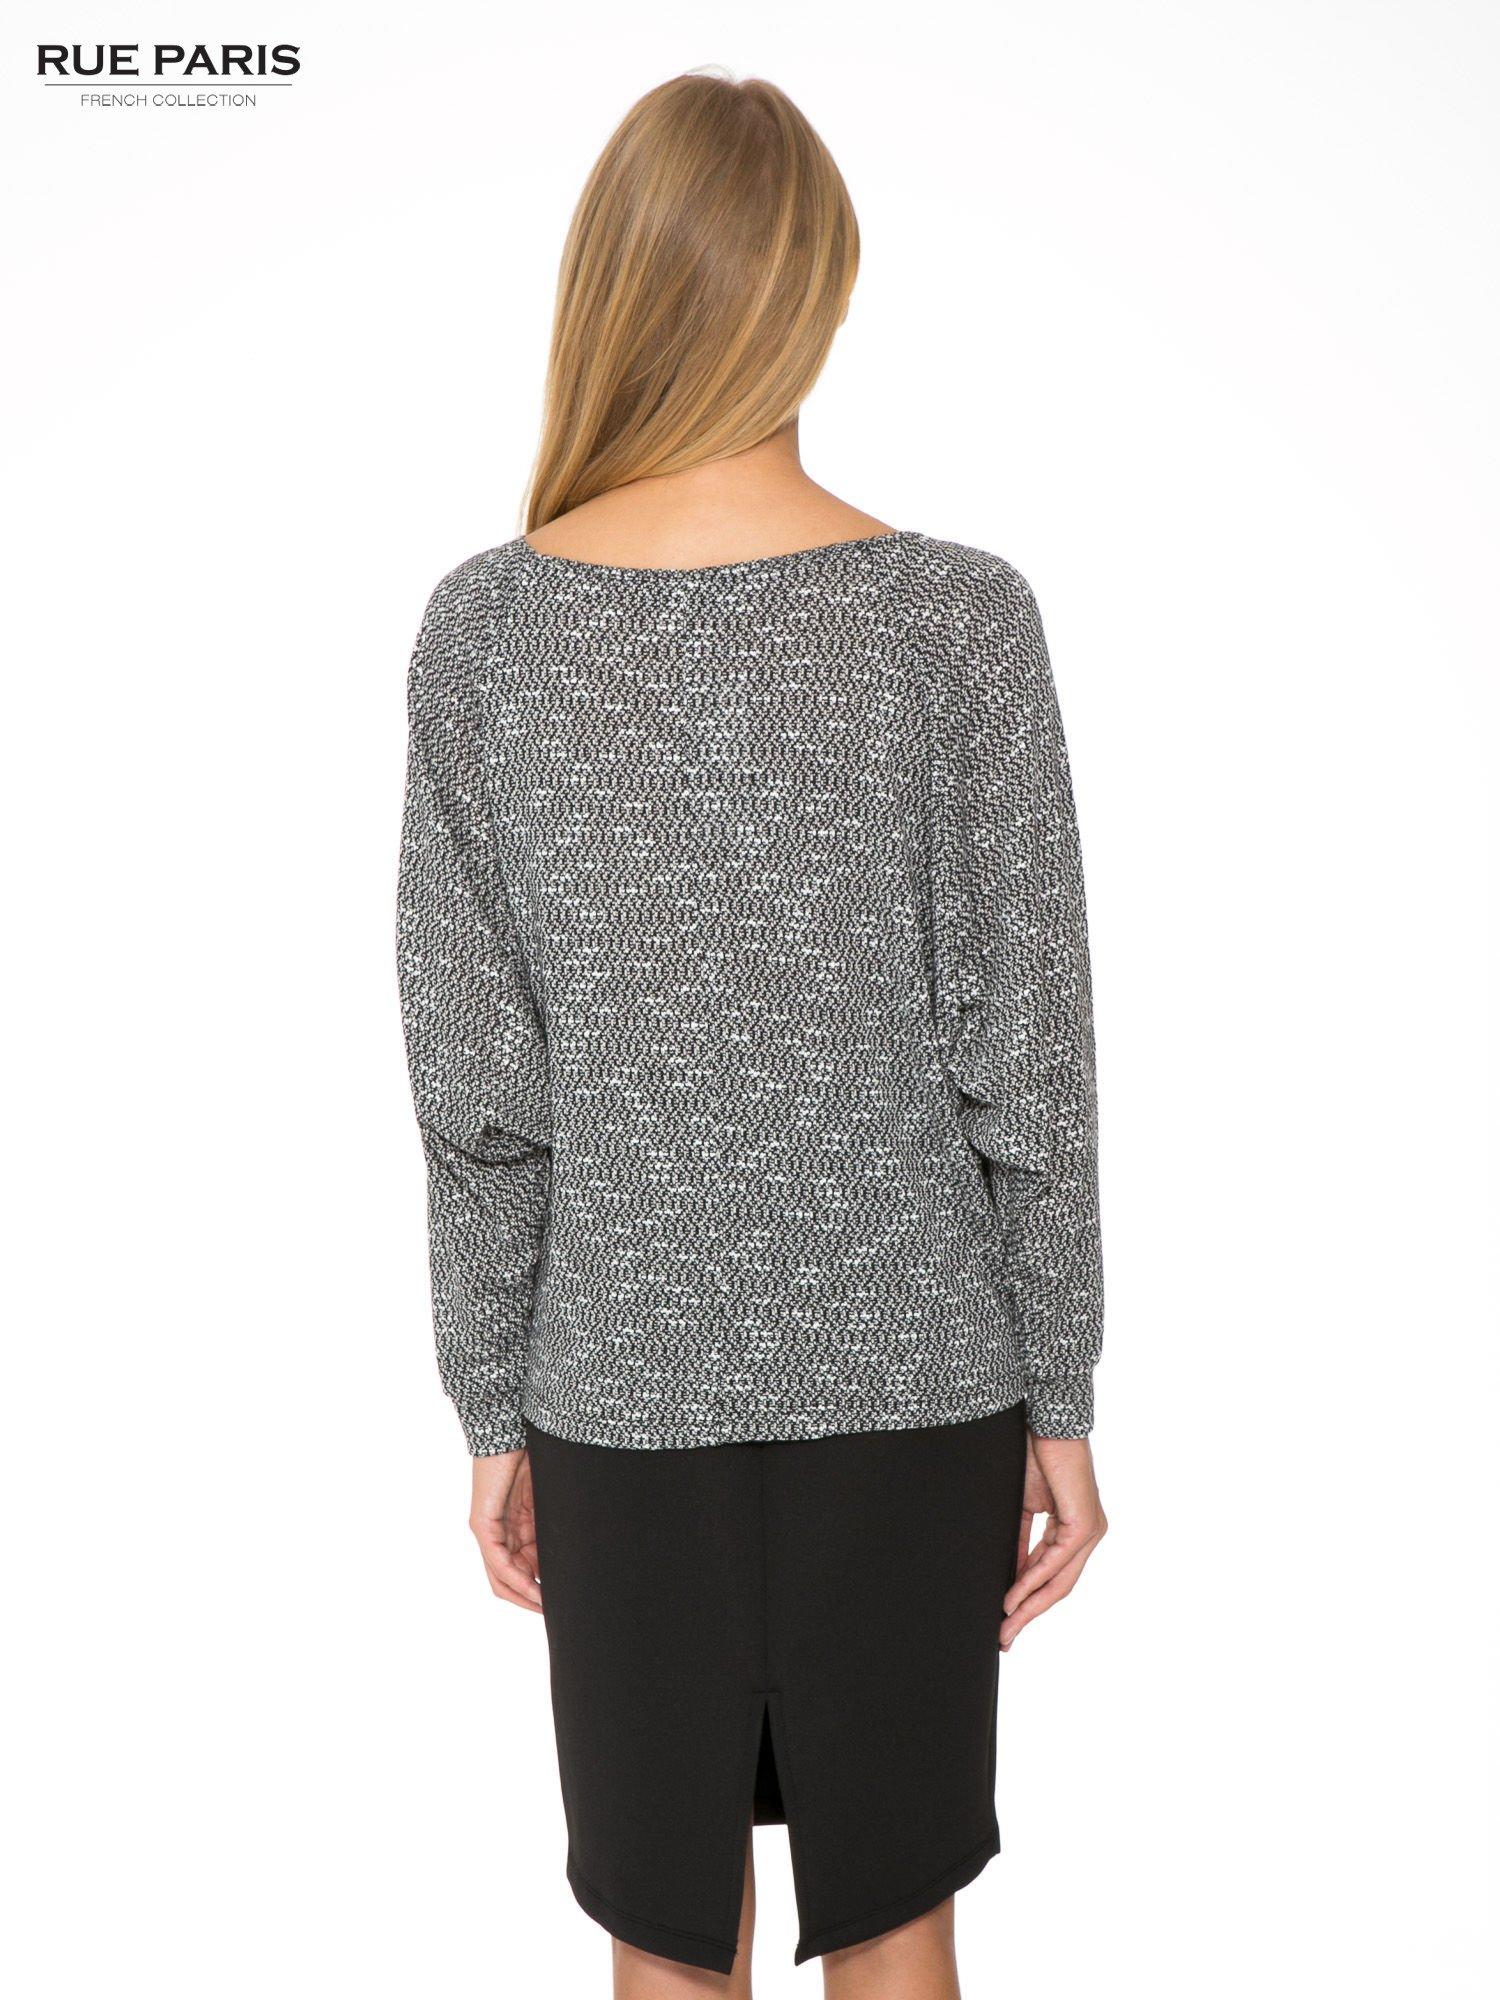 Czarna bluzka oversize z nietoperzowymi rękawami                                  zdj.                                  4